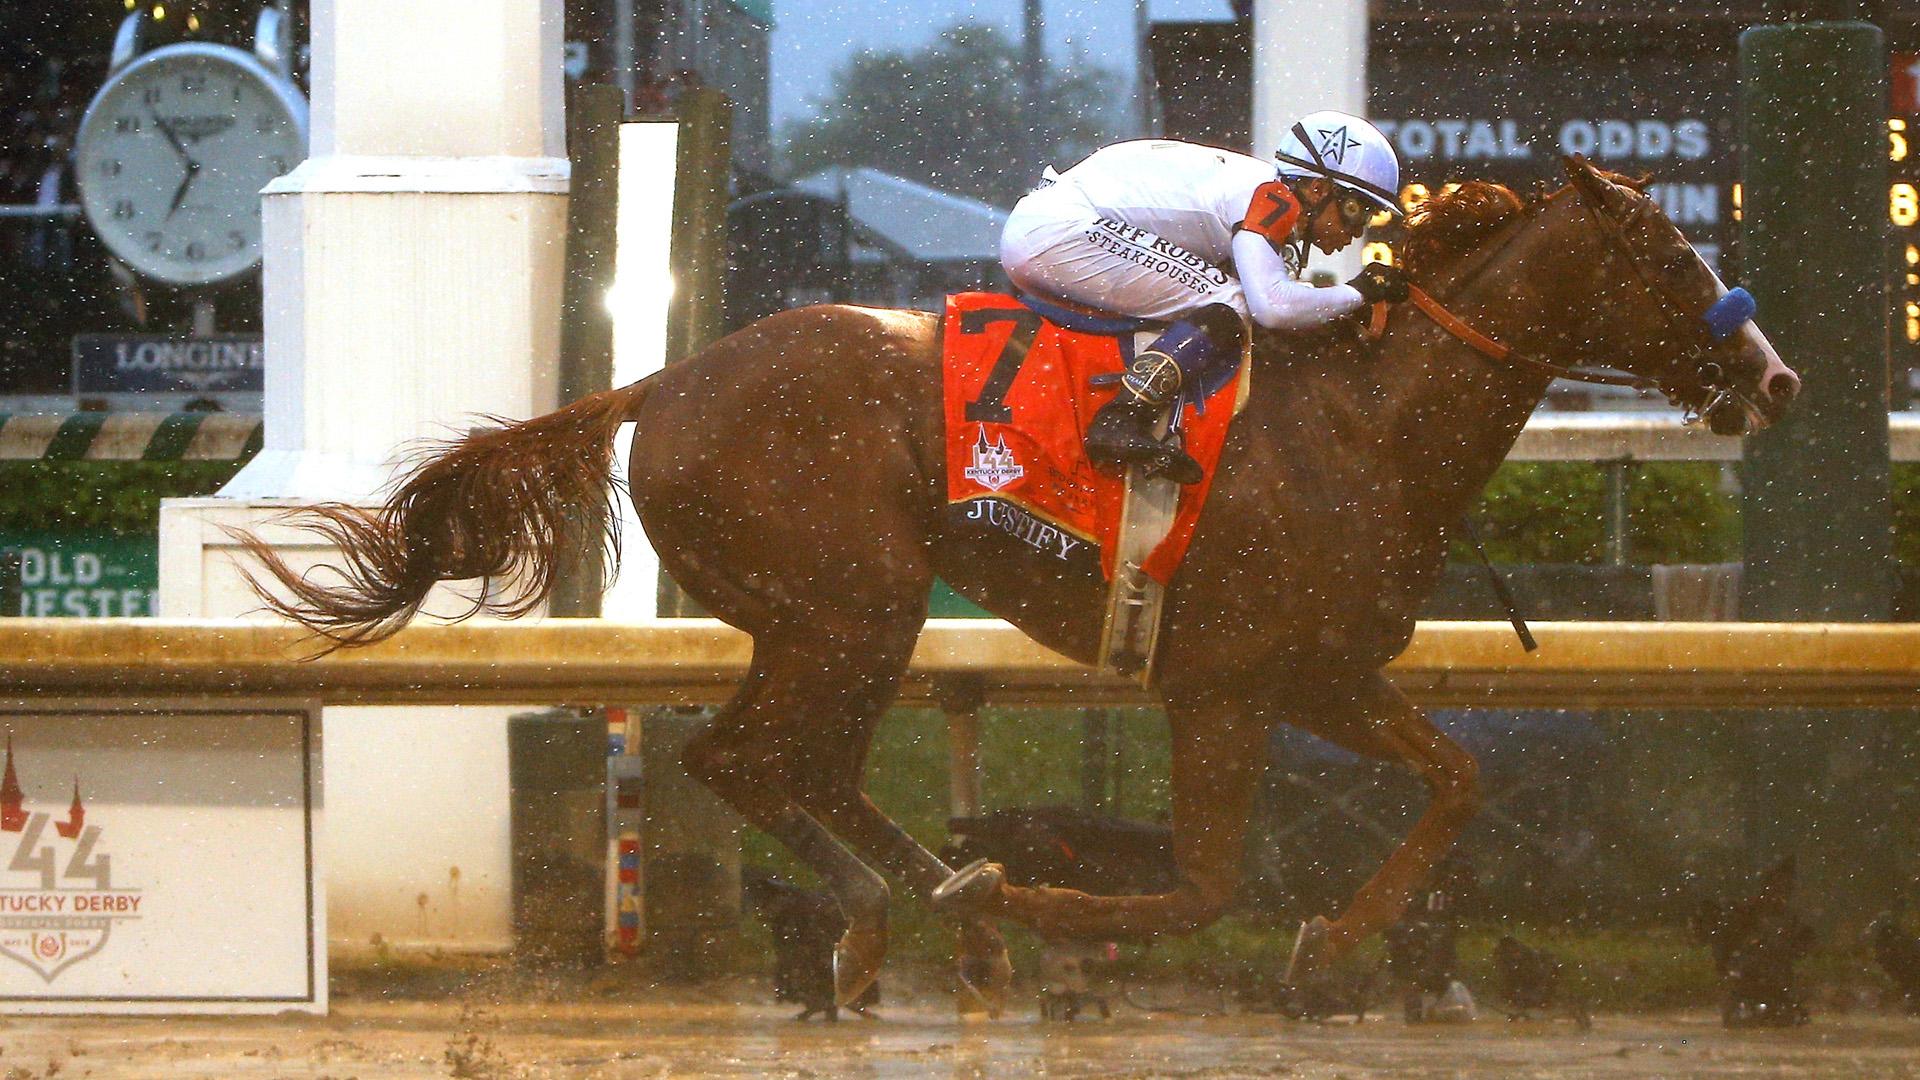 'Justify' justifies odds, breaks curse in sloppy Kentucky Derby